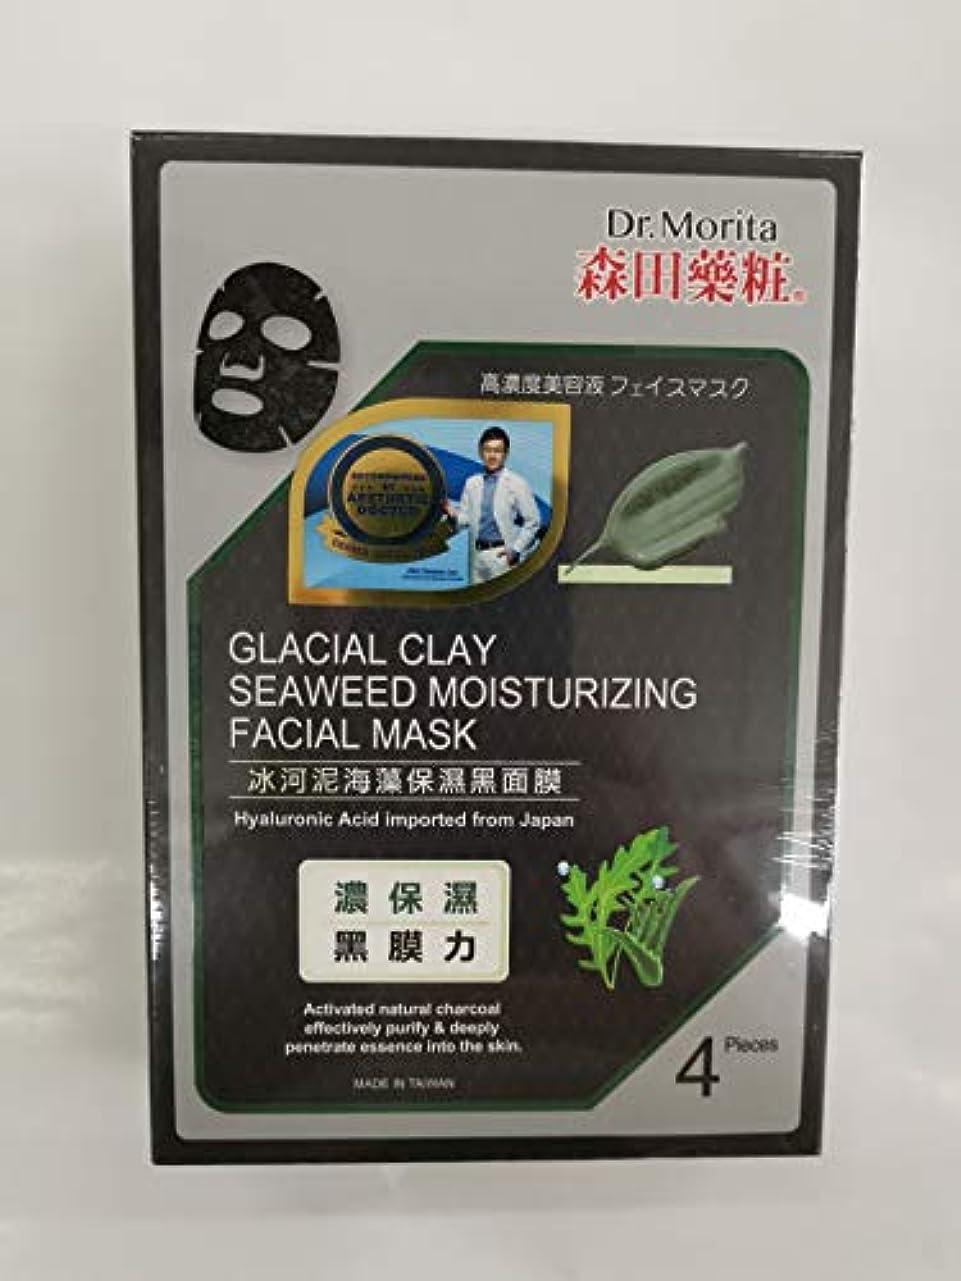 柔らかい足叙情的な内陸Doctor Morita 氷のような粘土の海藻保湿フェイシャルマスク4 - 肌に深く入り、効果的に浄化し、肌に潤いを与え、弾力を保ちます